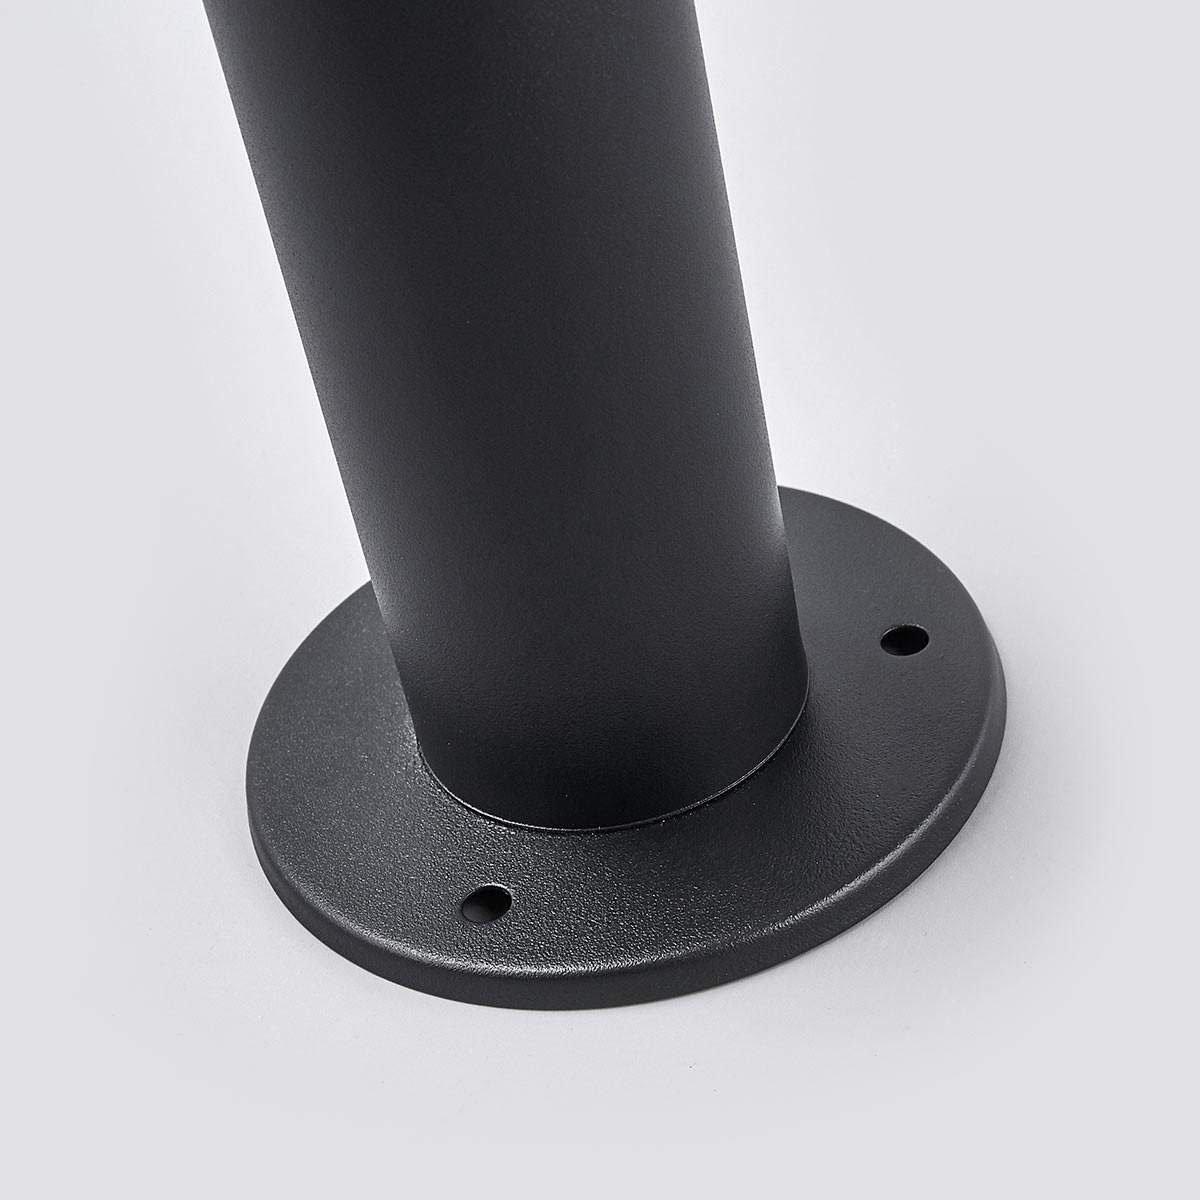 Solar-Sockellampe Eliano mit Bewegungsmelder, 45,5x16x16 cm, Edelstahl, schwarz   #6